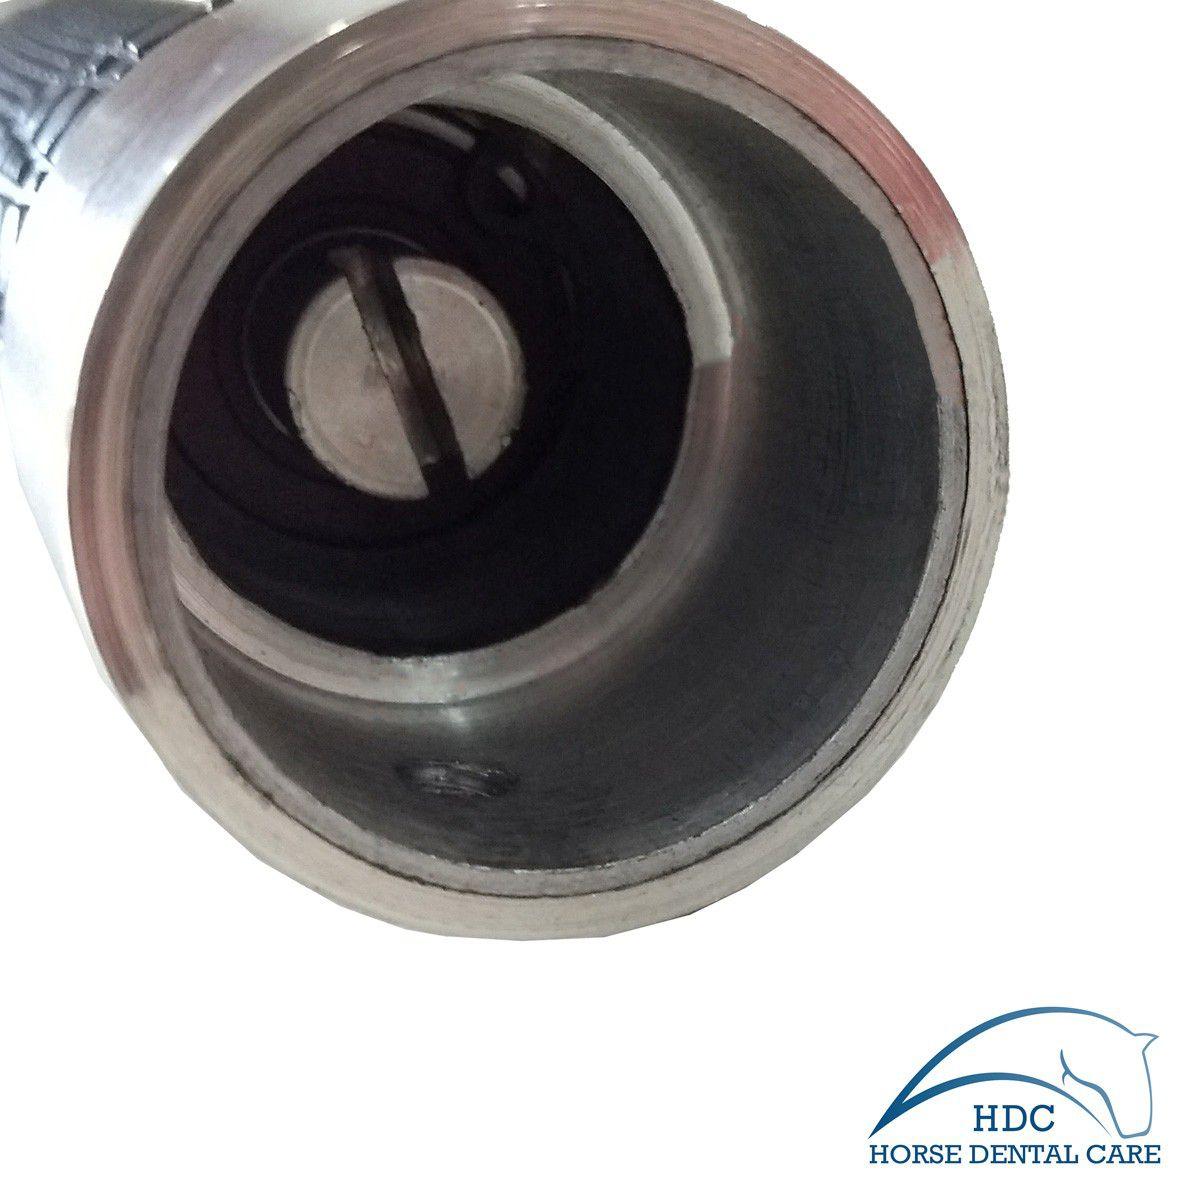 Caneta Odontológica Equina Longa Angulada Vestibular (Estacionaria)- EVO